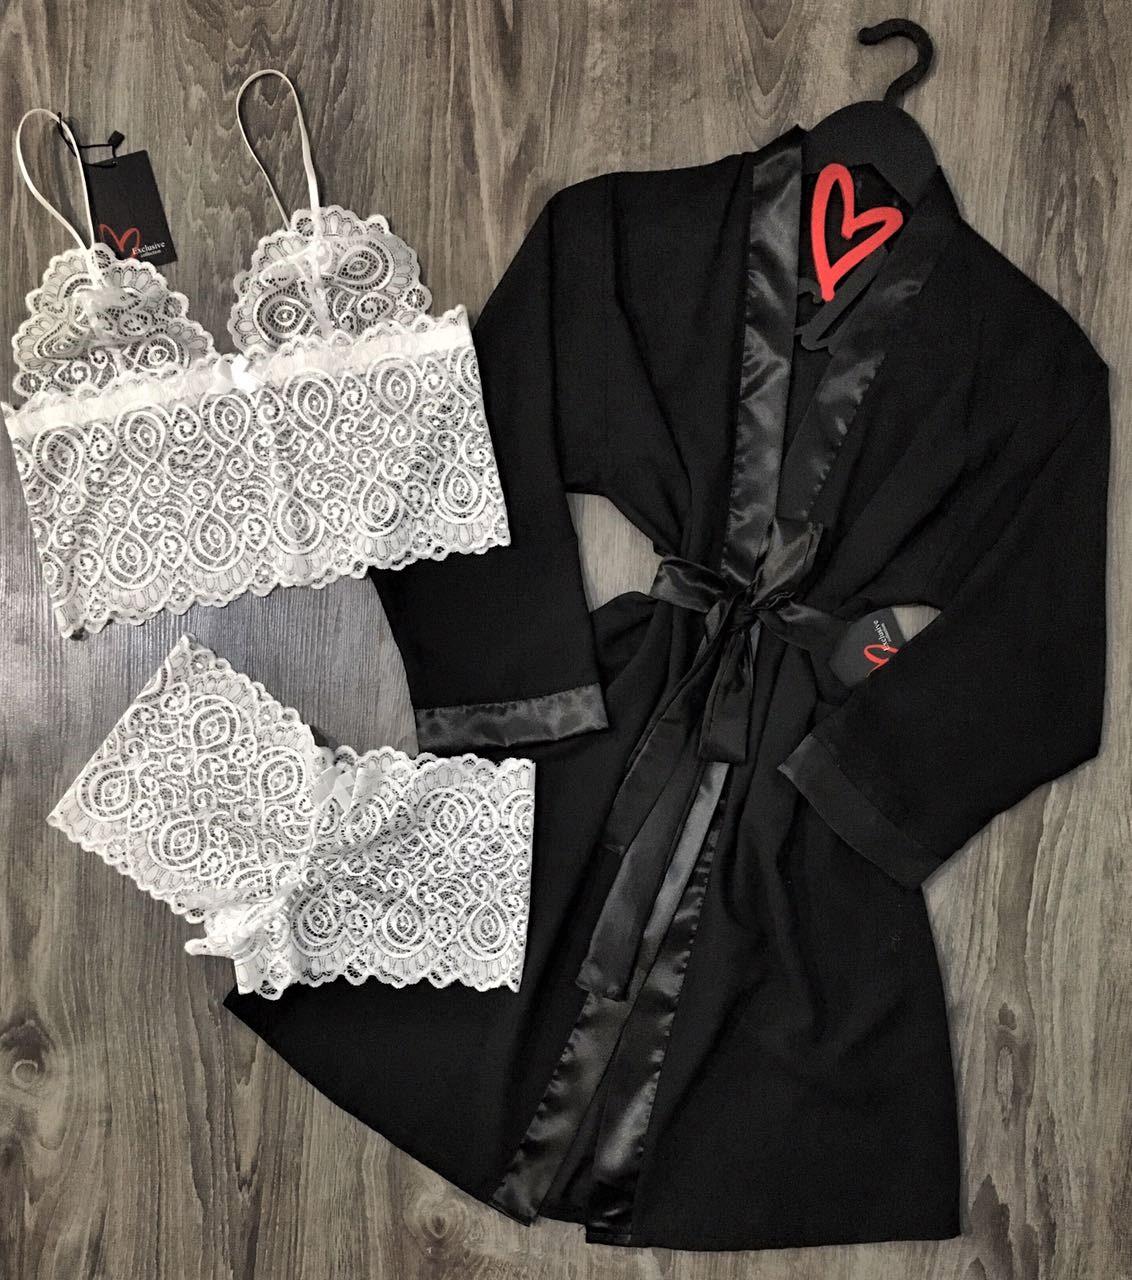 Черный шифоновый халат+комплект нижнего белья, домашняя одежда.